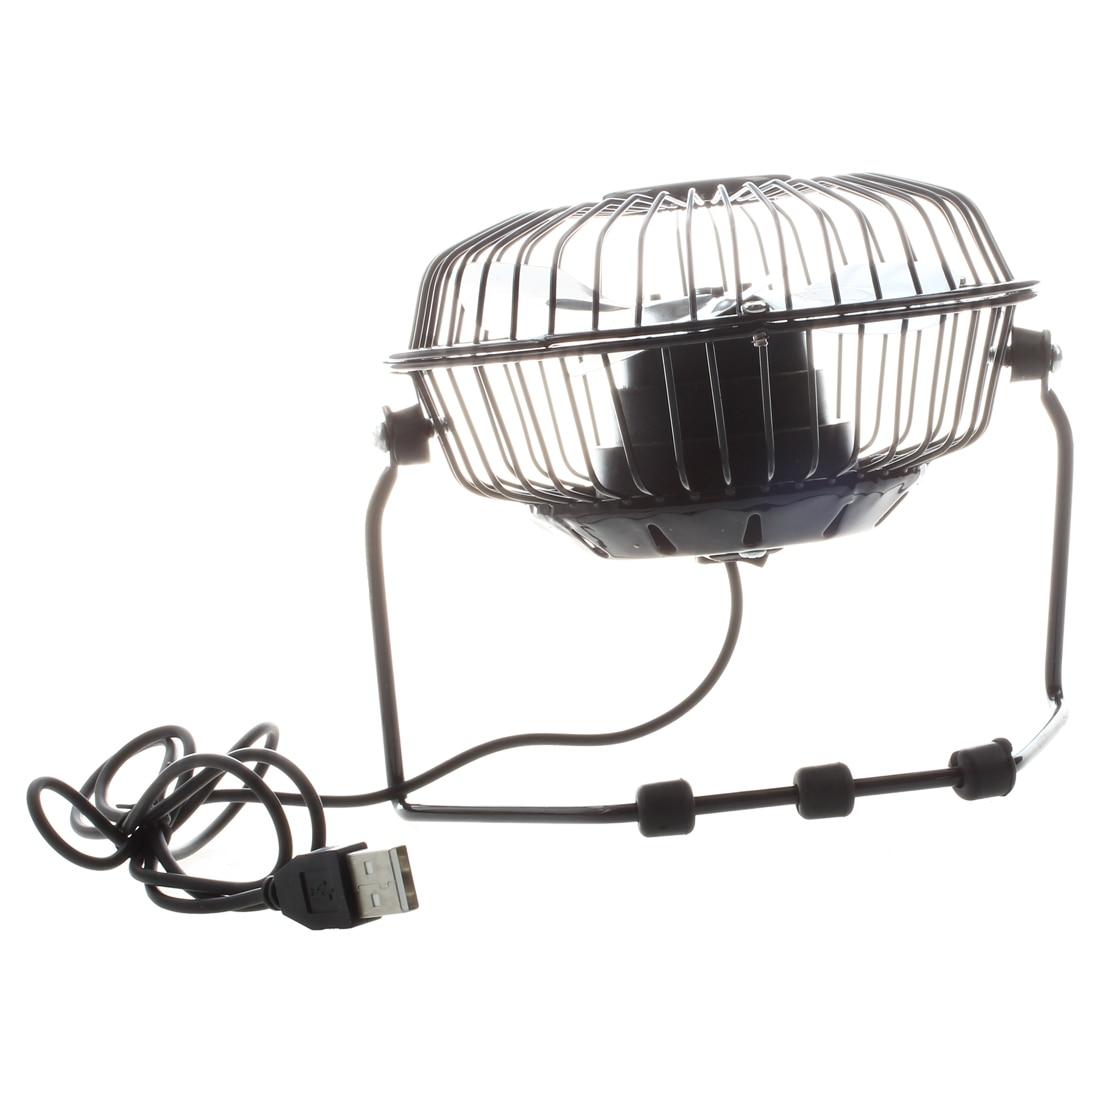 4 дюйма 360-градусов вращающийся USB Powered металла Электрический мини настольный вентилятор для ПК/ноутбука/Тетрадь (черный) вентилятор usb венти...